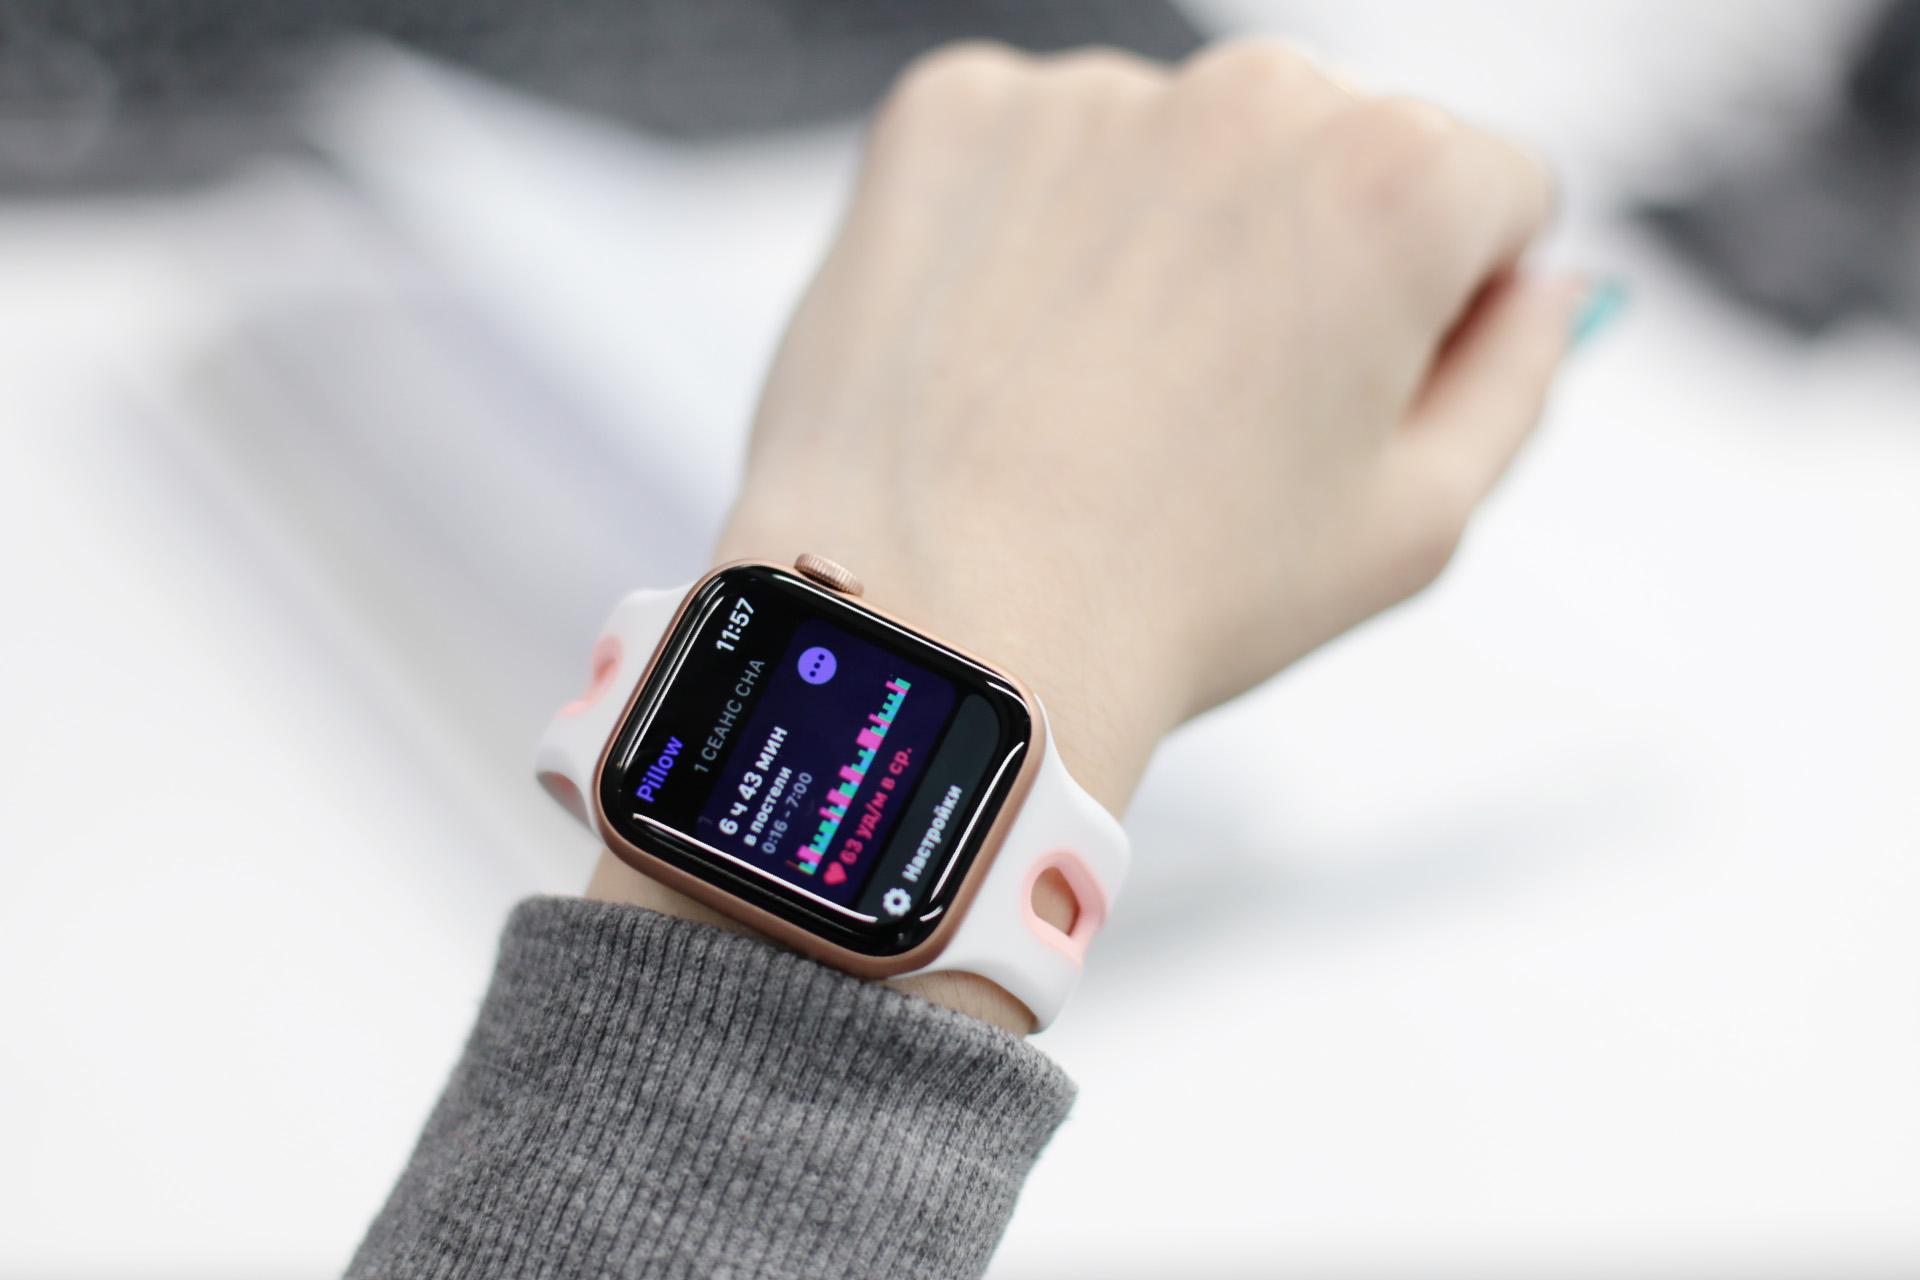 Специальные программы на часах и телефонах следят, хорошо ли вы спали ночью